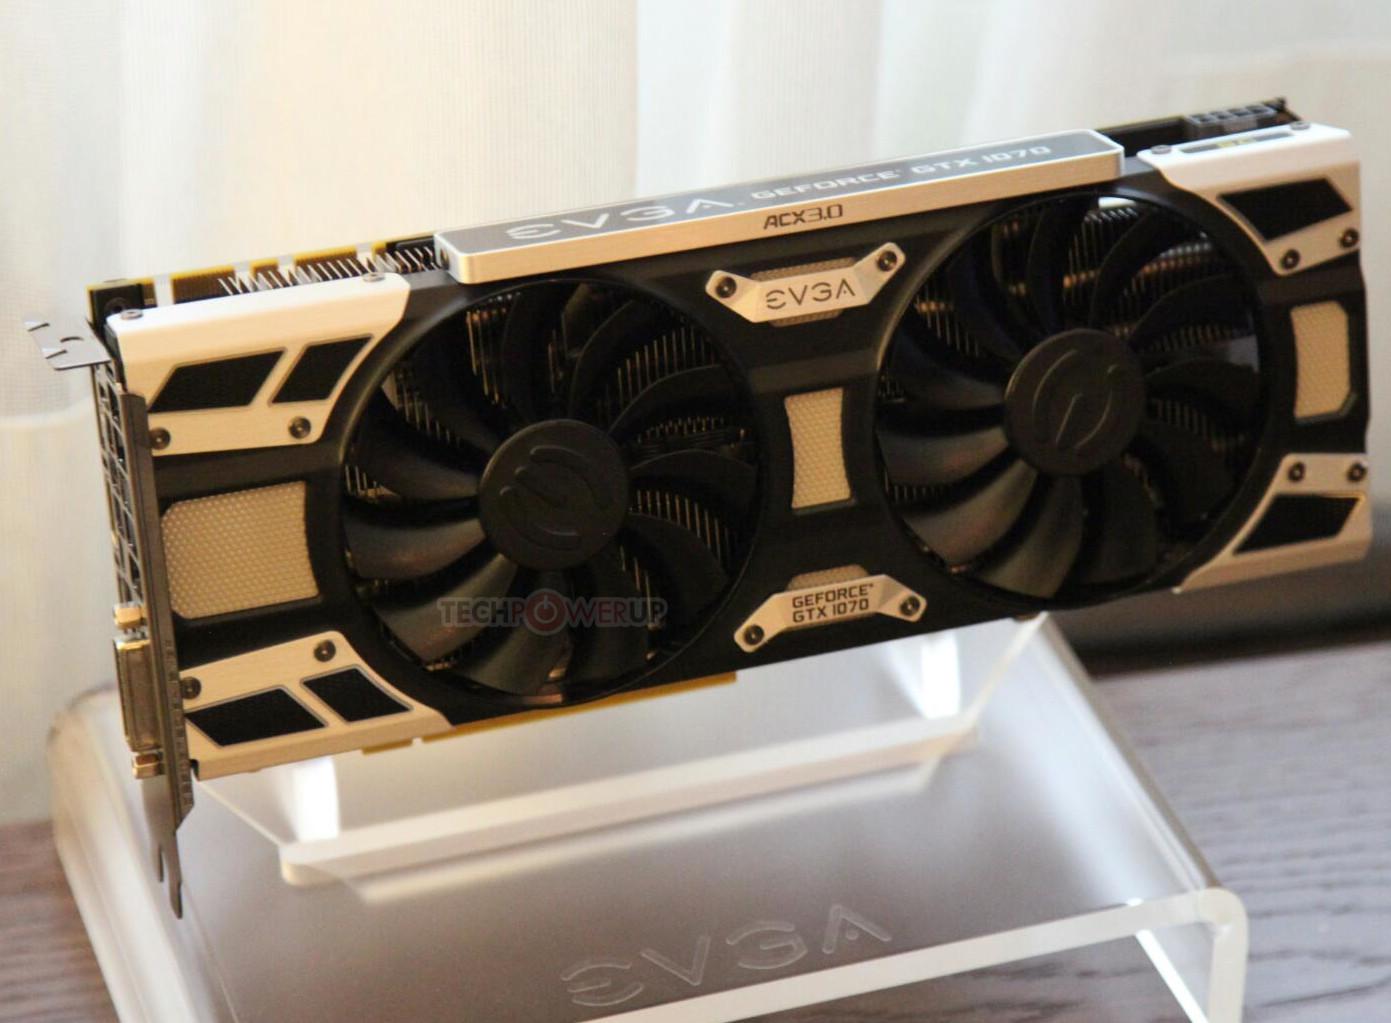 EVGA GeForce GTX 1070 SC características